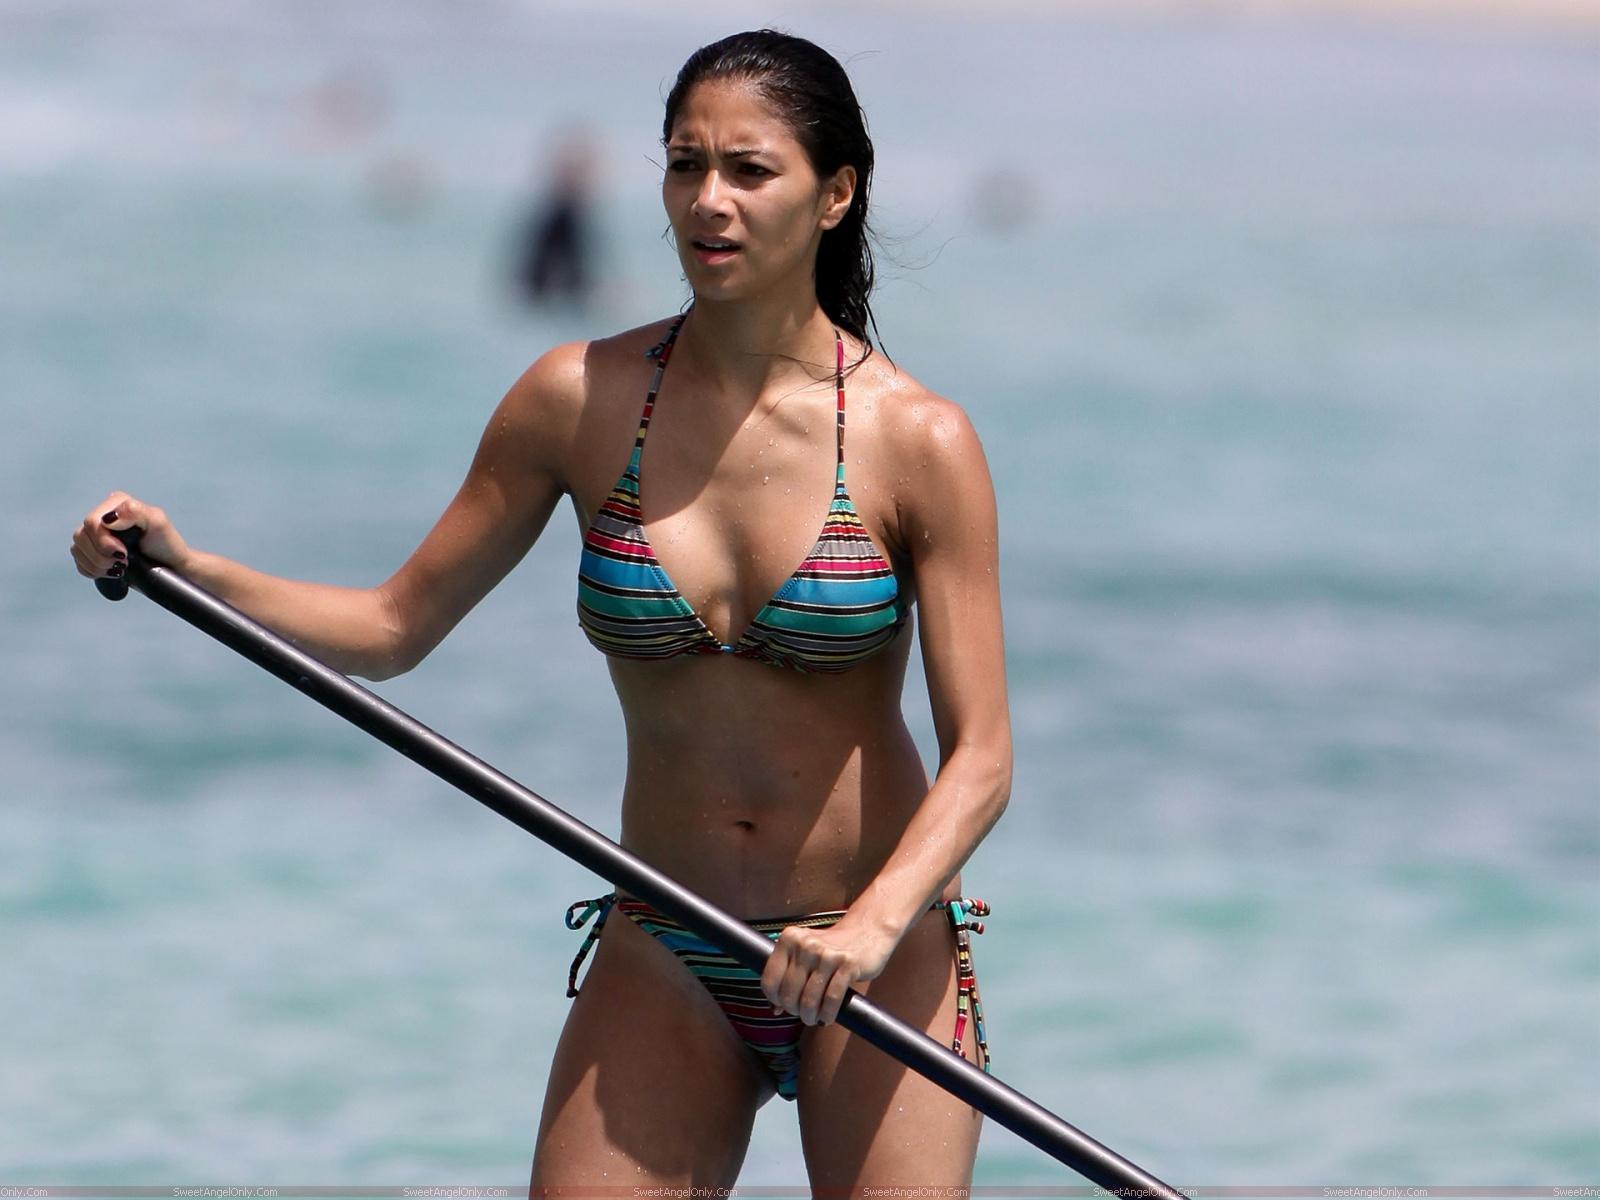 http://1.bp.blogspot.com/-FKswsPvmE9Y/TahNaEcaBNI/AAAAAAAAFbs/Ea2jlzGkVvw/s1600/nicole_scherzinger_in_bikini_swimwear.jpg